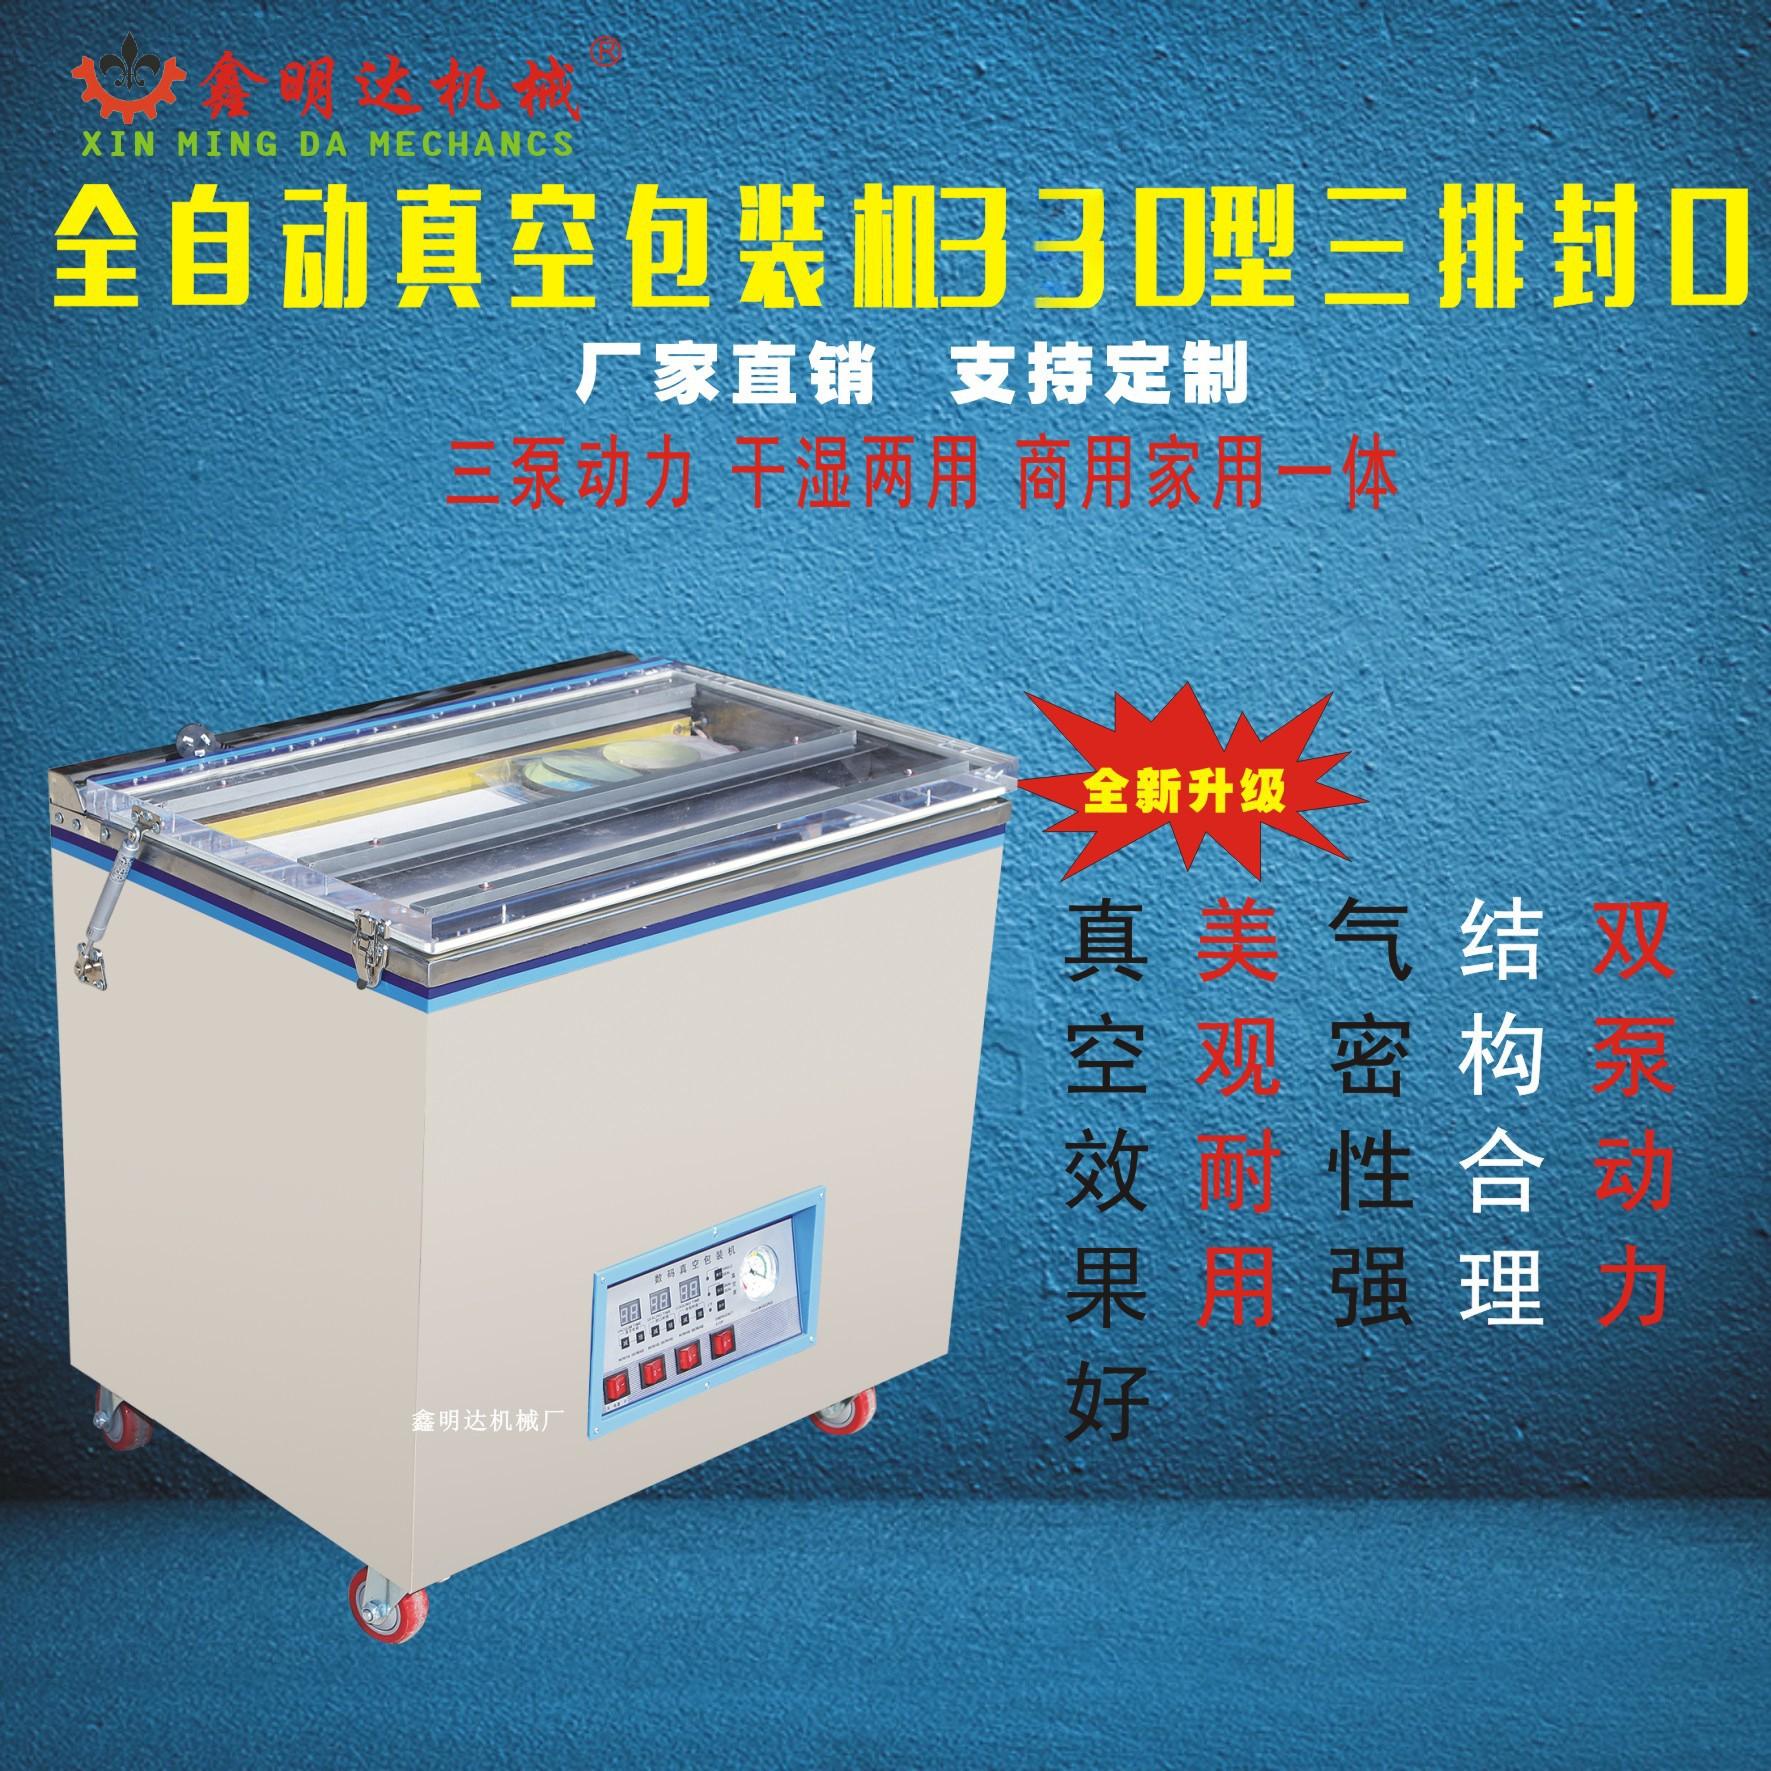 颗粒真空包装机茶叶食品药品杂粮自动封口抽真空包装机械厂家直销